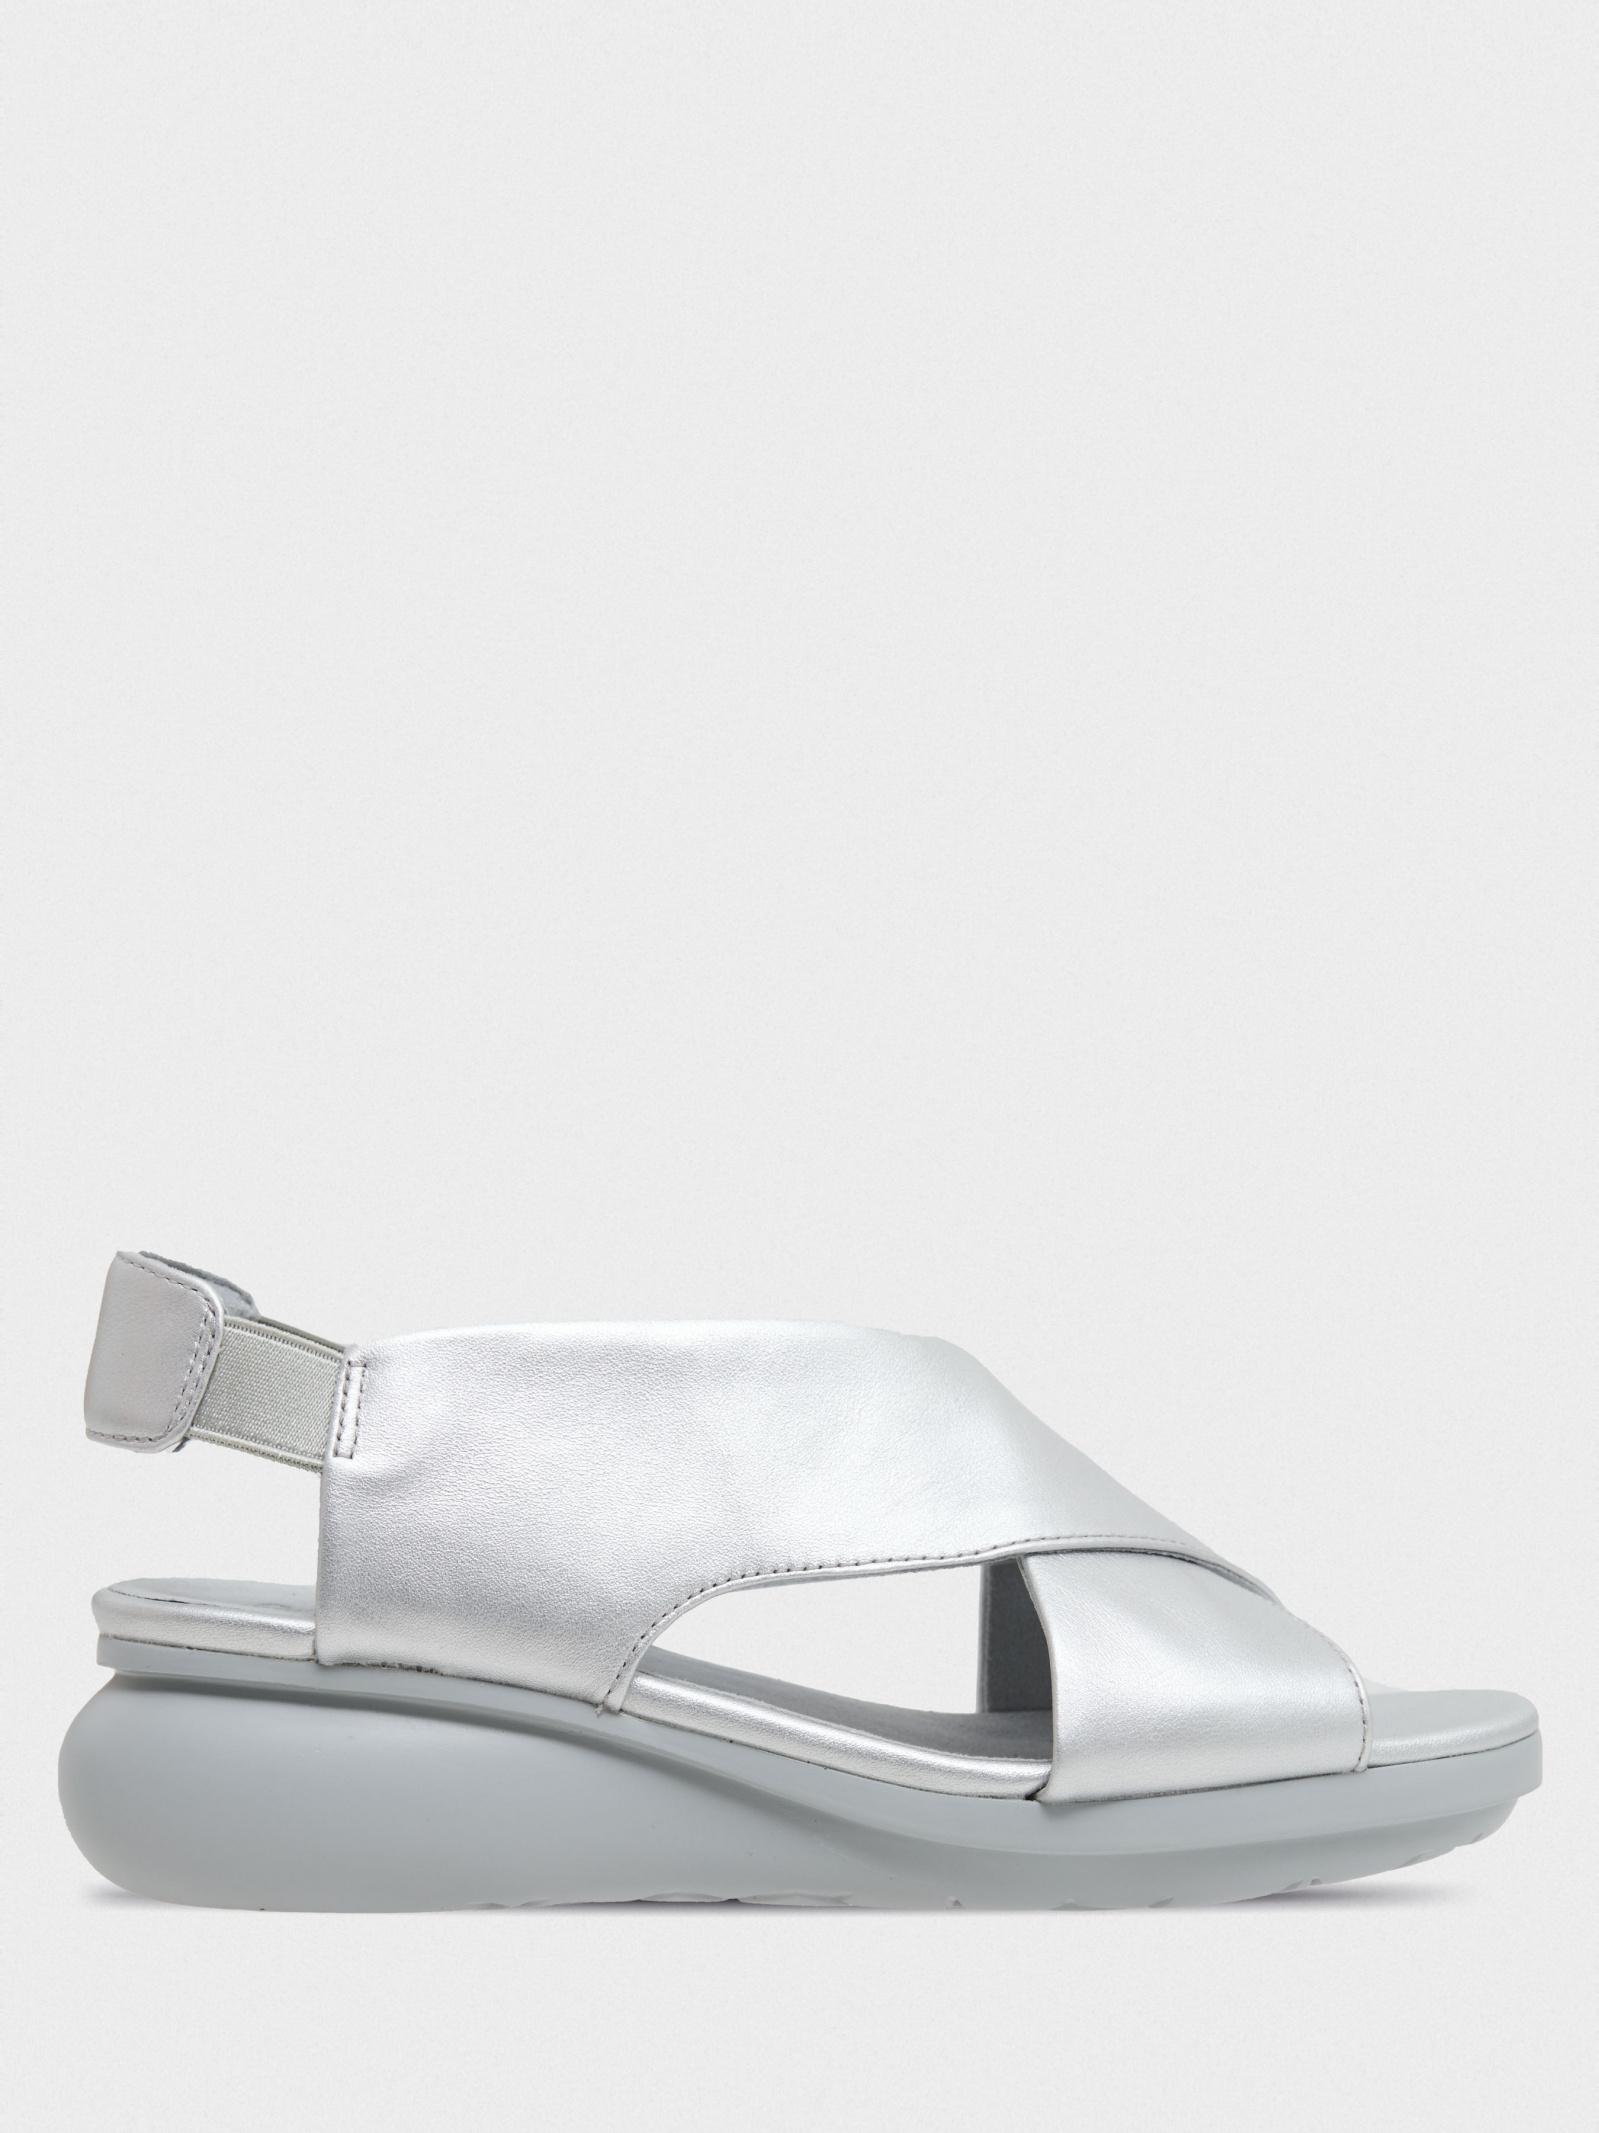 Сандалии для женщин Camper Balloon AW1085 брендовая обувь, 2017